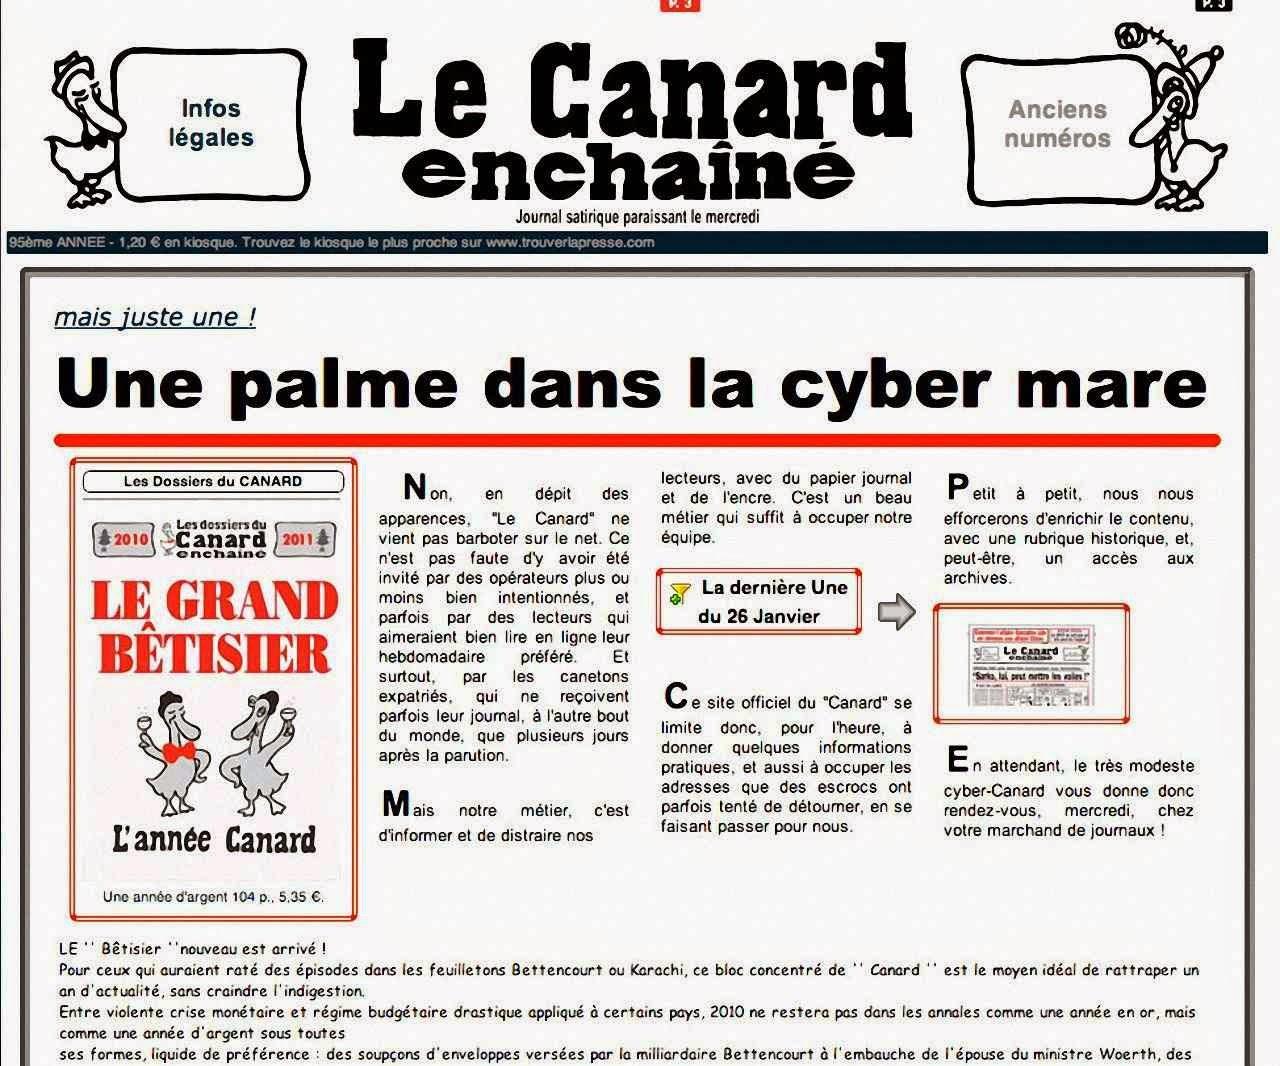 Le Canard Enchaîné: um herói vitorioso e desapiedado contra o pântano imenso da Internet